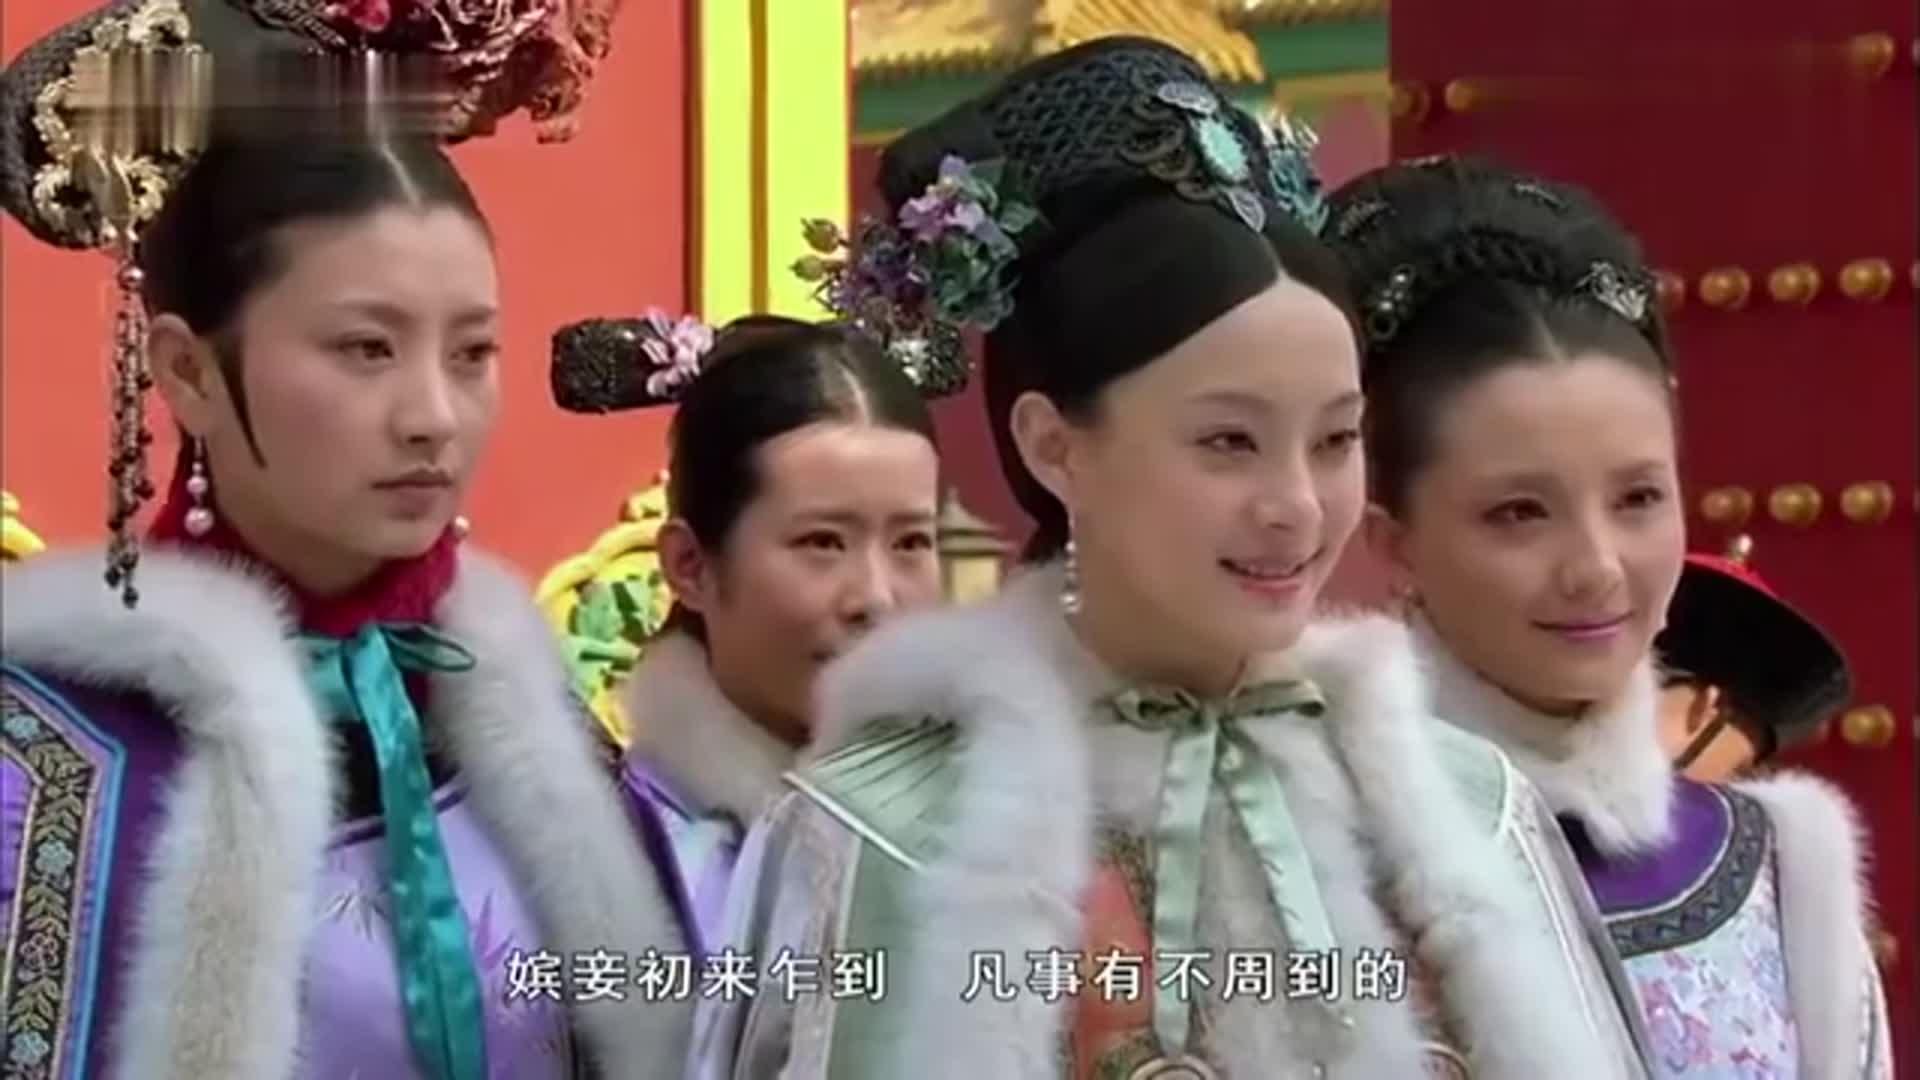 甄嬛传:祺贵人因美貌遭众妃羡慕嫉妒,当晚就被皇上翻了牌子